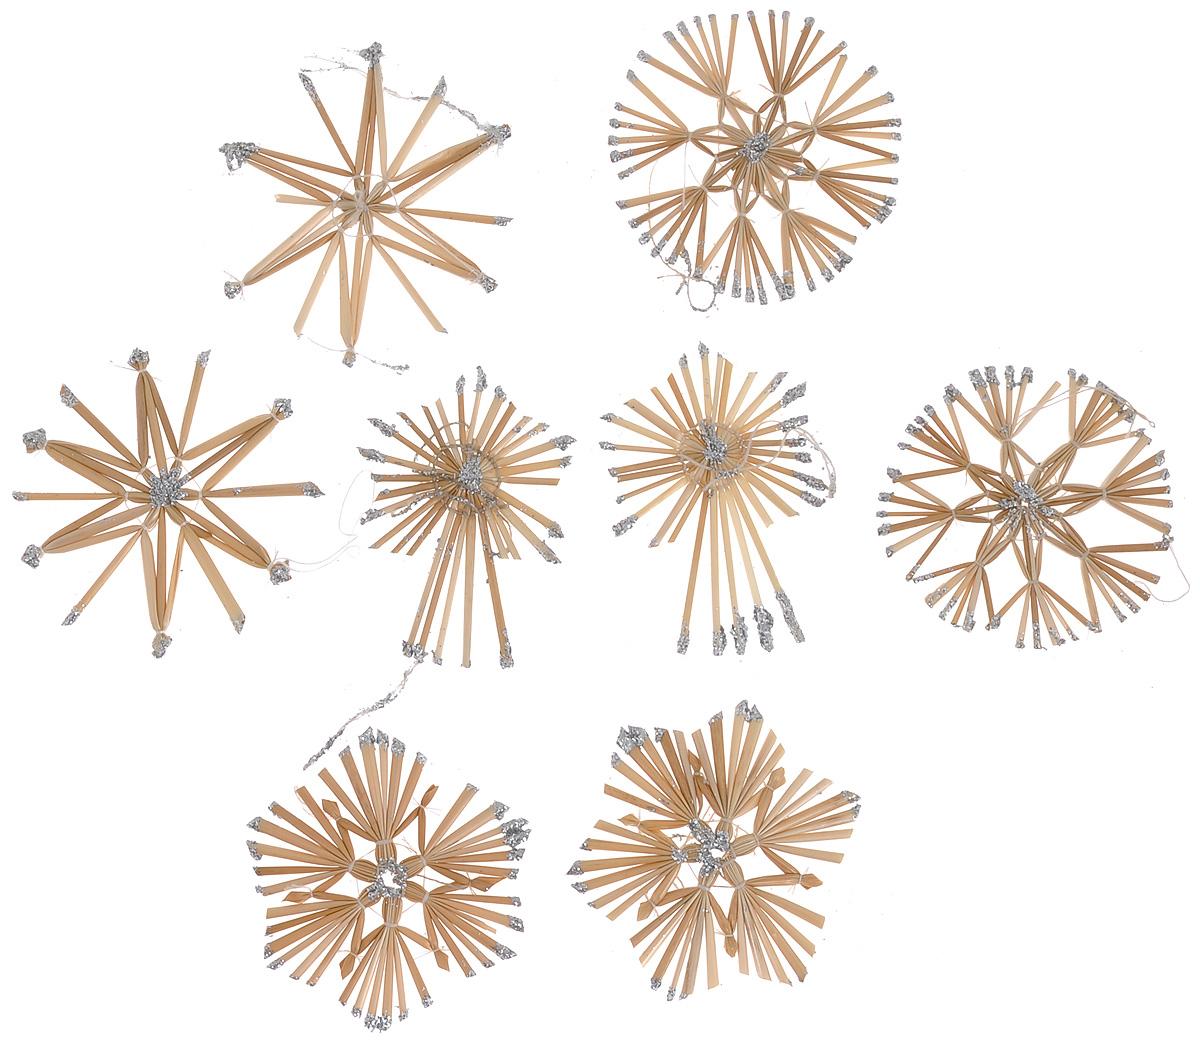 Набор новогодних подвесных украшений Феникс-презент Magic Time, цвет: серебряный, светло-коричневый, 8 шт1501-0192Набор Феникс-презент Magic Time, состоящий из 8 новогодних подвесных украшений, отлично подойдет для декорации вашего дома и новогодней ели. Изделиявыполнены из соломы в виде снежинок и звезд, оформленных блестками. Украшения имеют специальные петельки для подвешивания. Коллекция декоративных украшений Феникс-презент Magic Time принесет в ваш дом ни с чем не сравнимое ощущение праздника!Средний размер украшения: 8,5 см х 8,5 см.